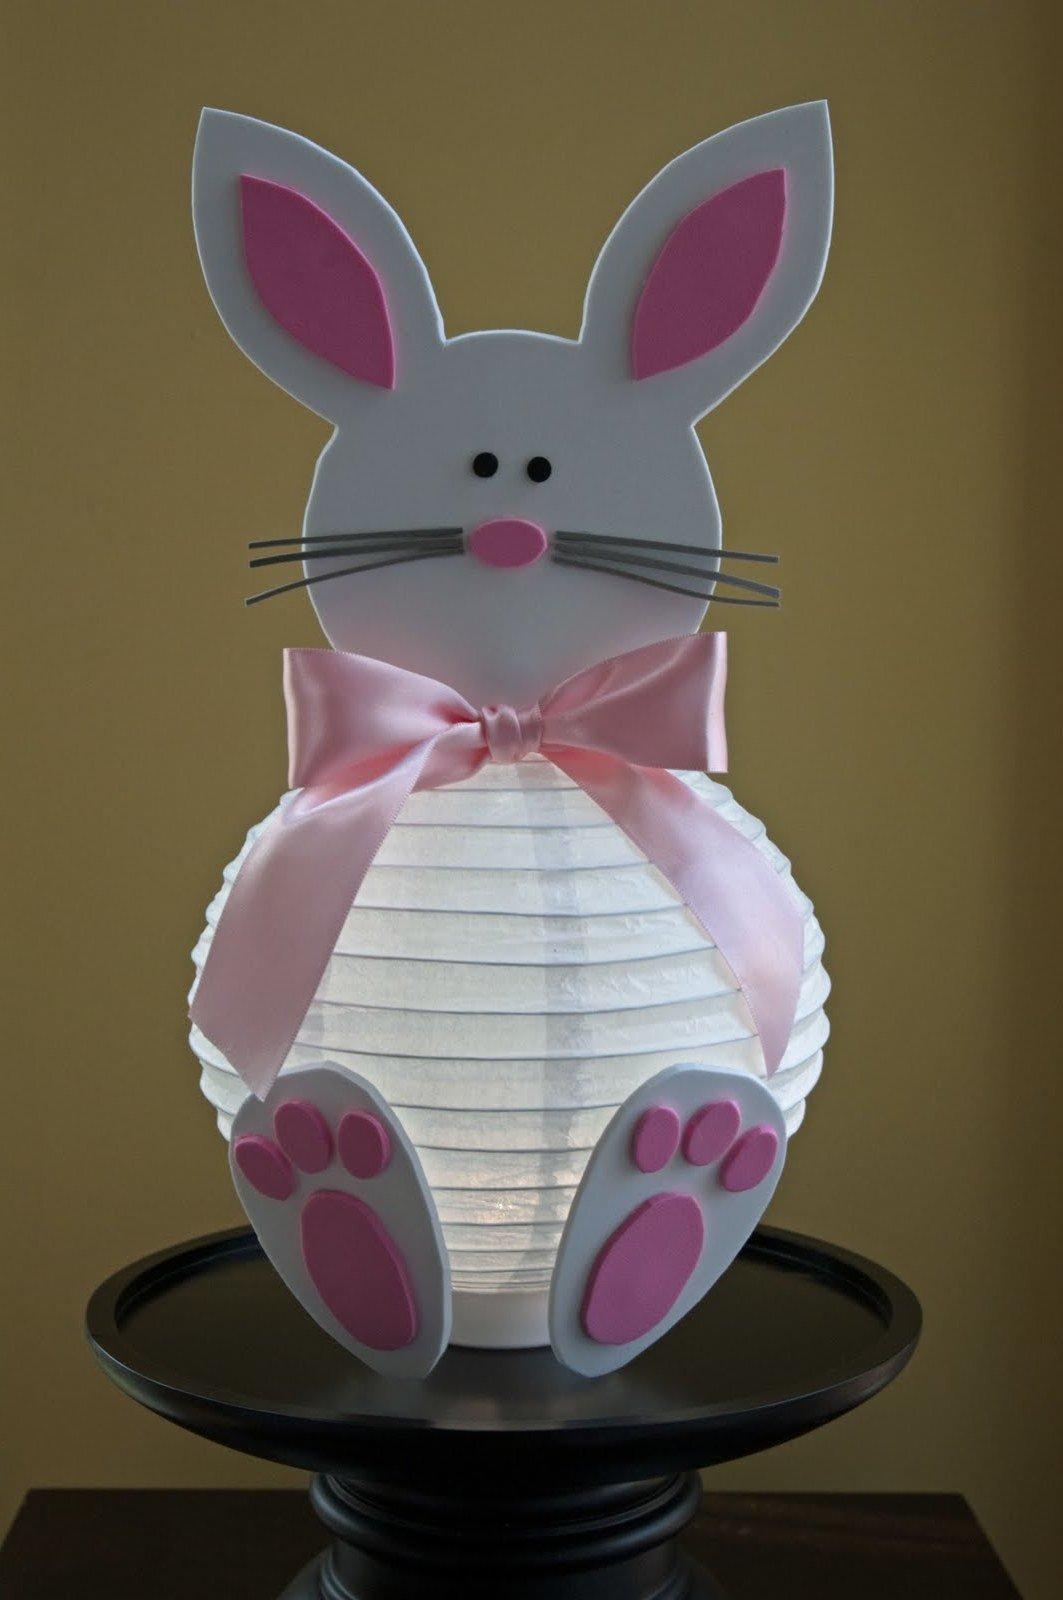 Laterne basteln ein kerzenschein f r festliche stimmung zum selbermachen bastelideen deko - Laterne basteln kindergarten ...